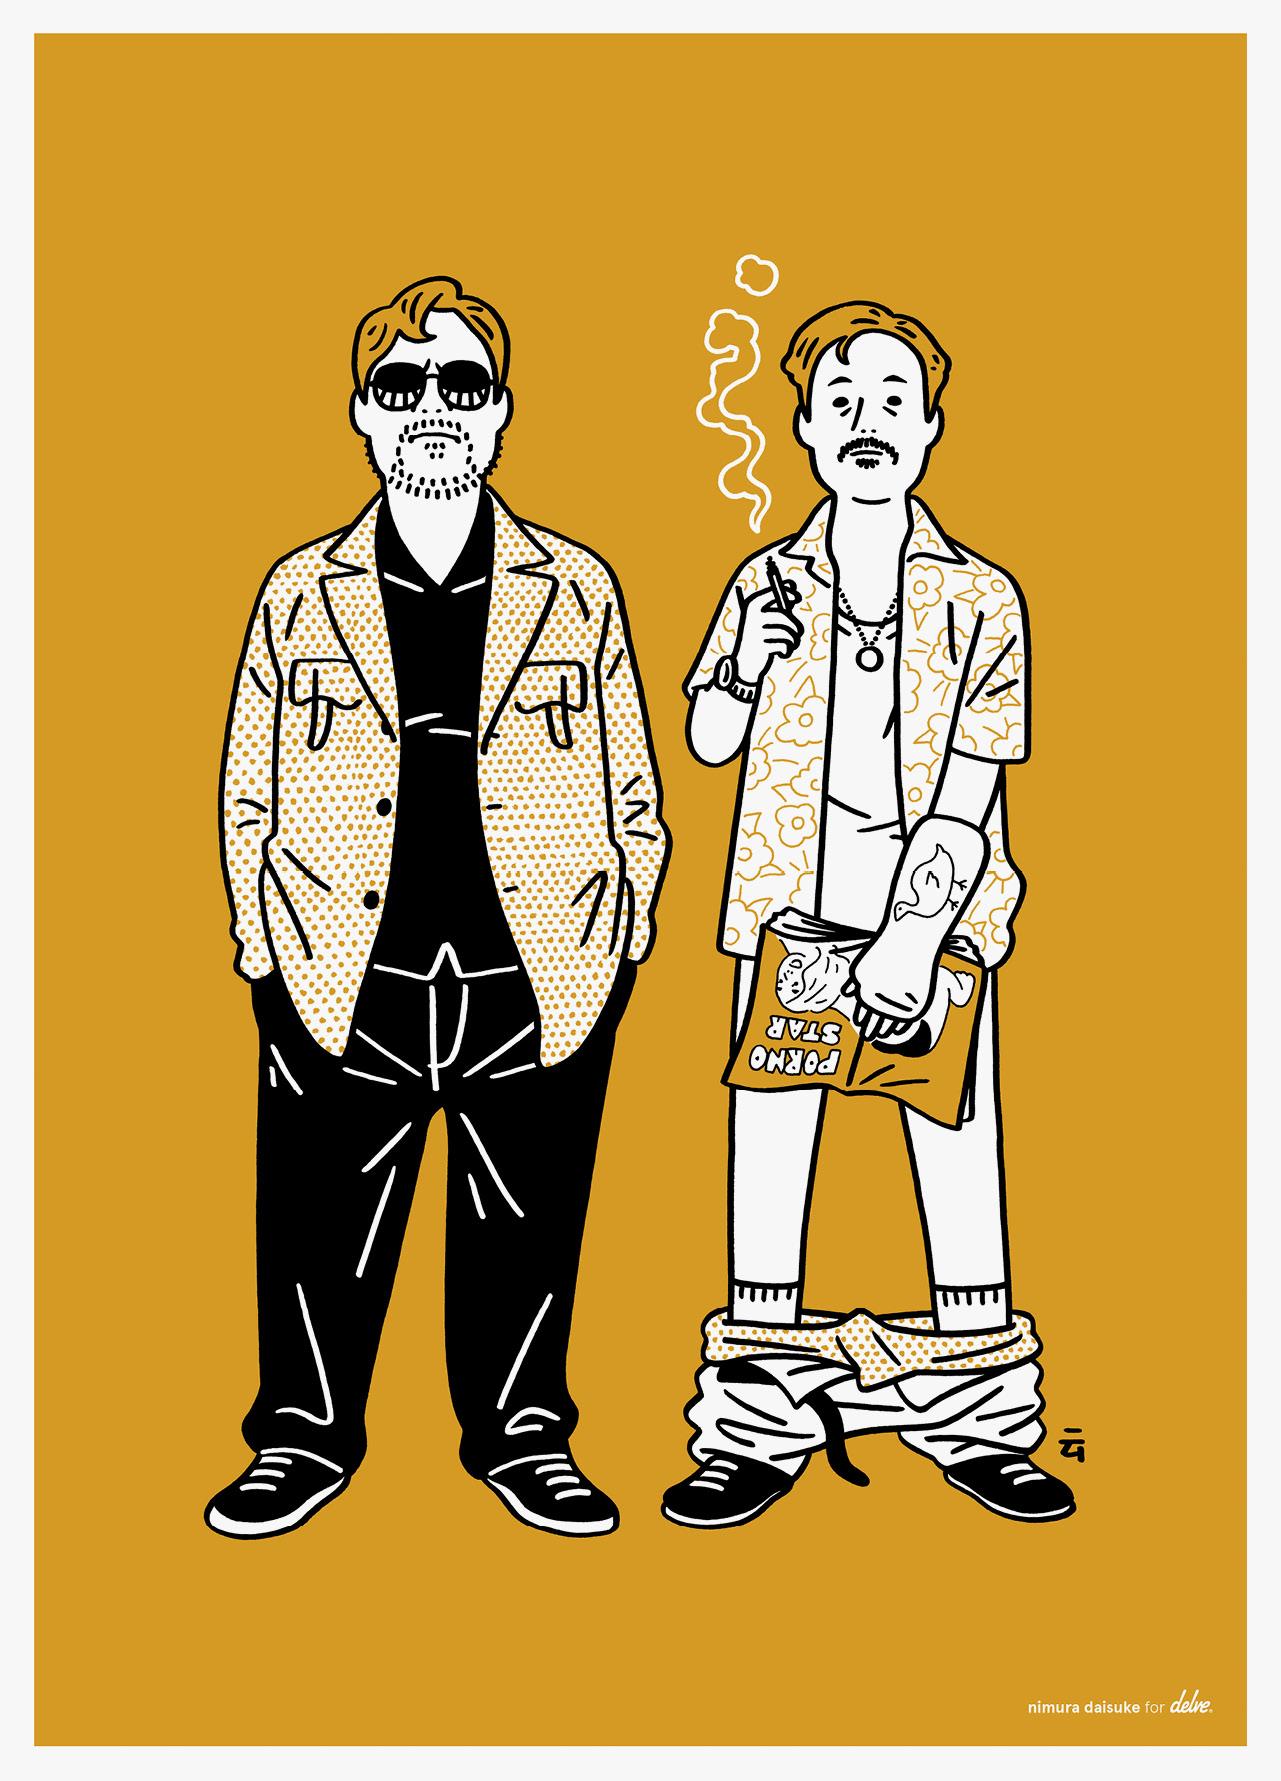 The Nice Guys by Nimura Daisuke